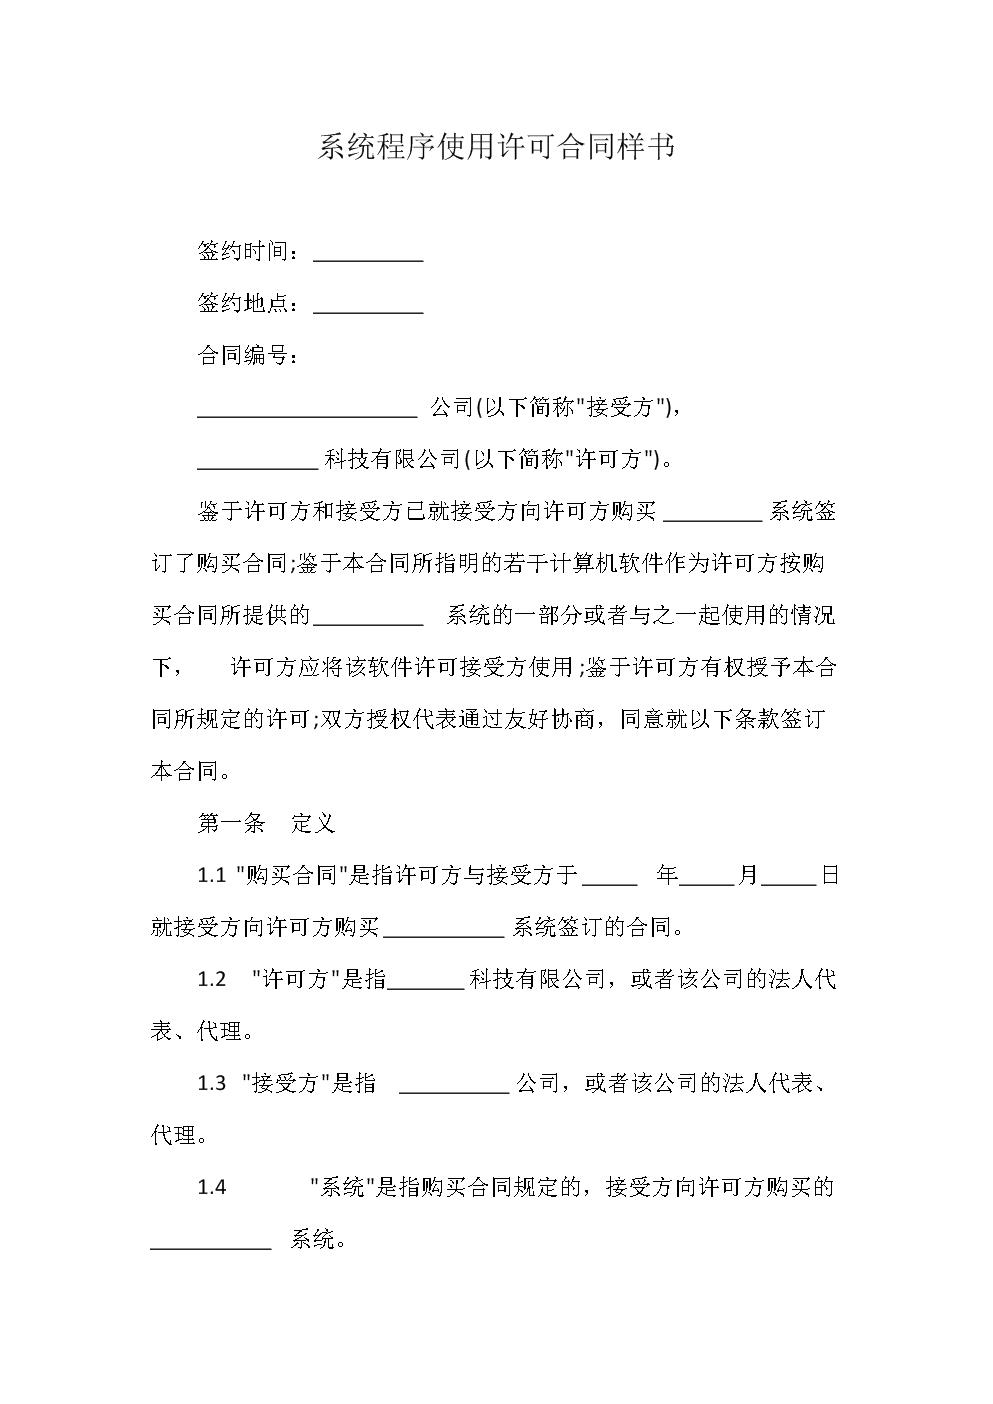 系统程序使用许可合同样书.docx